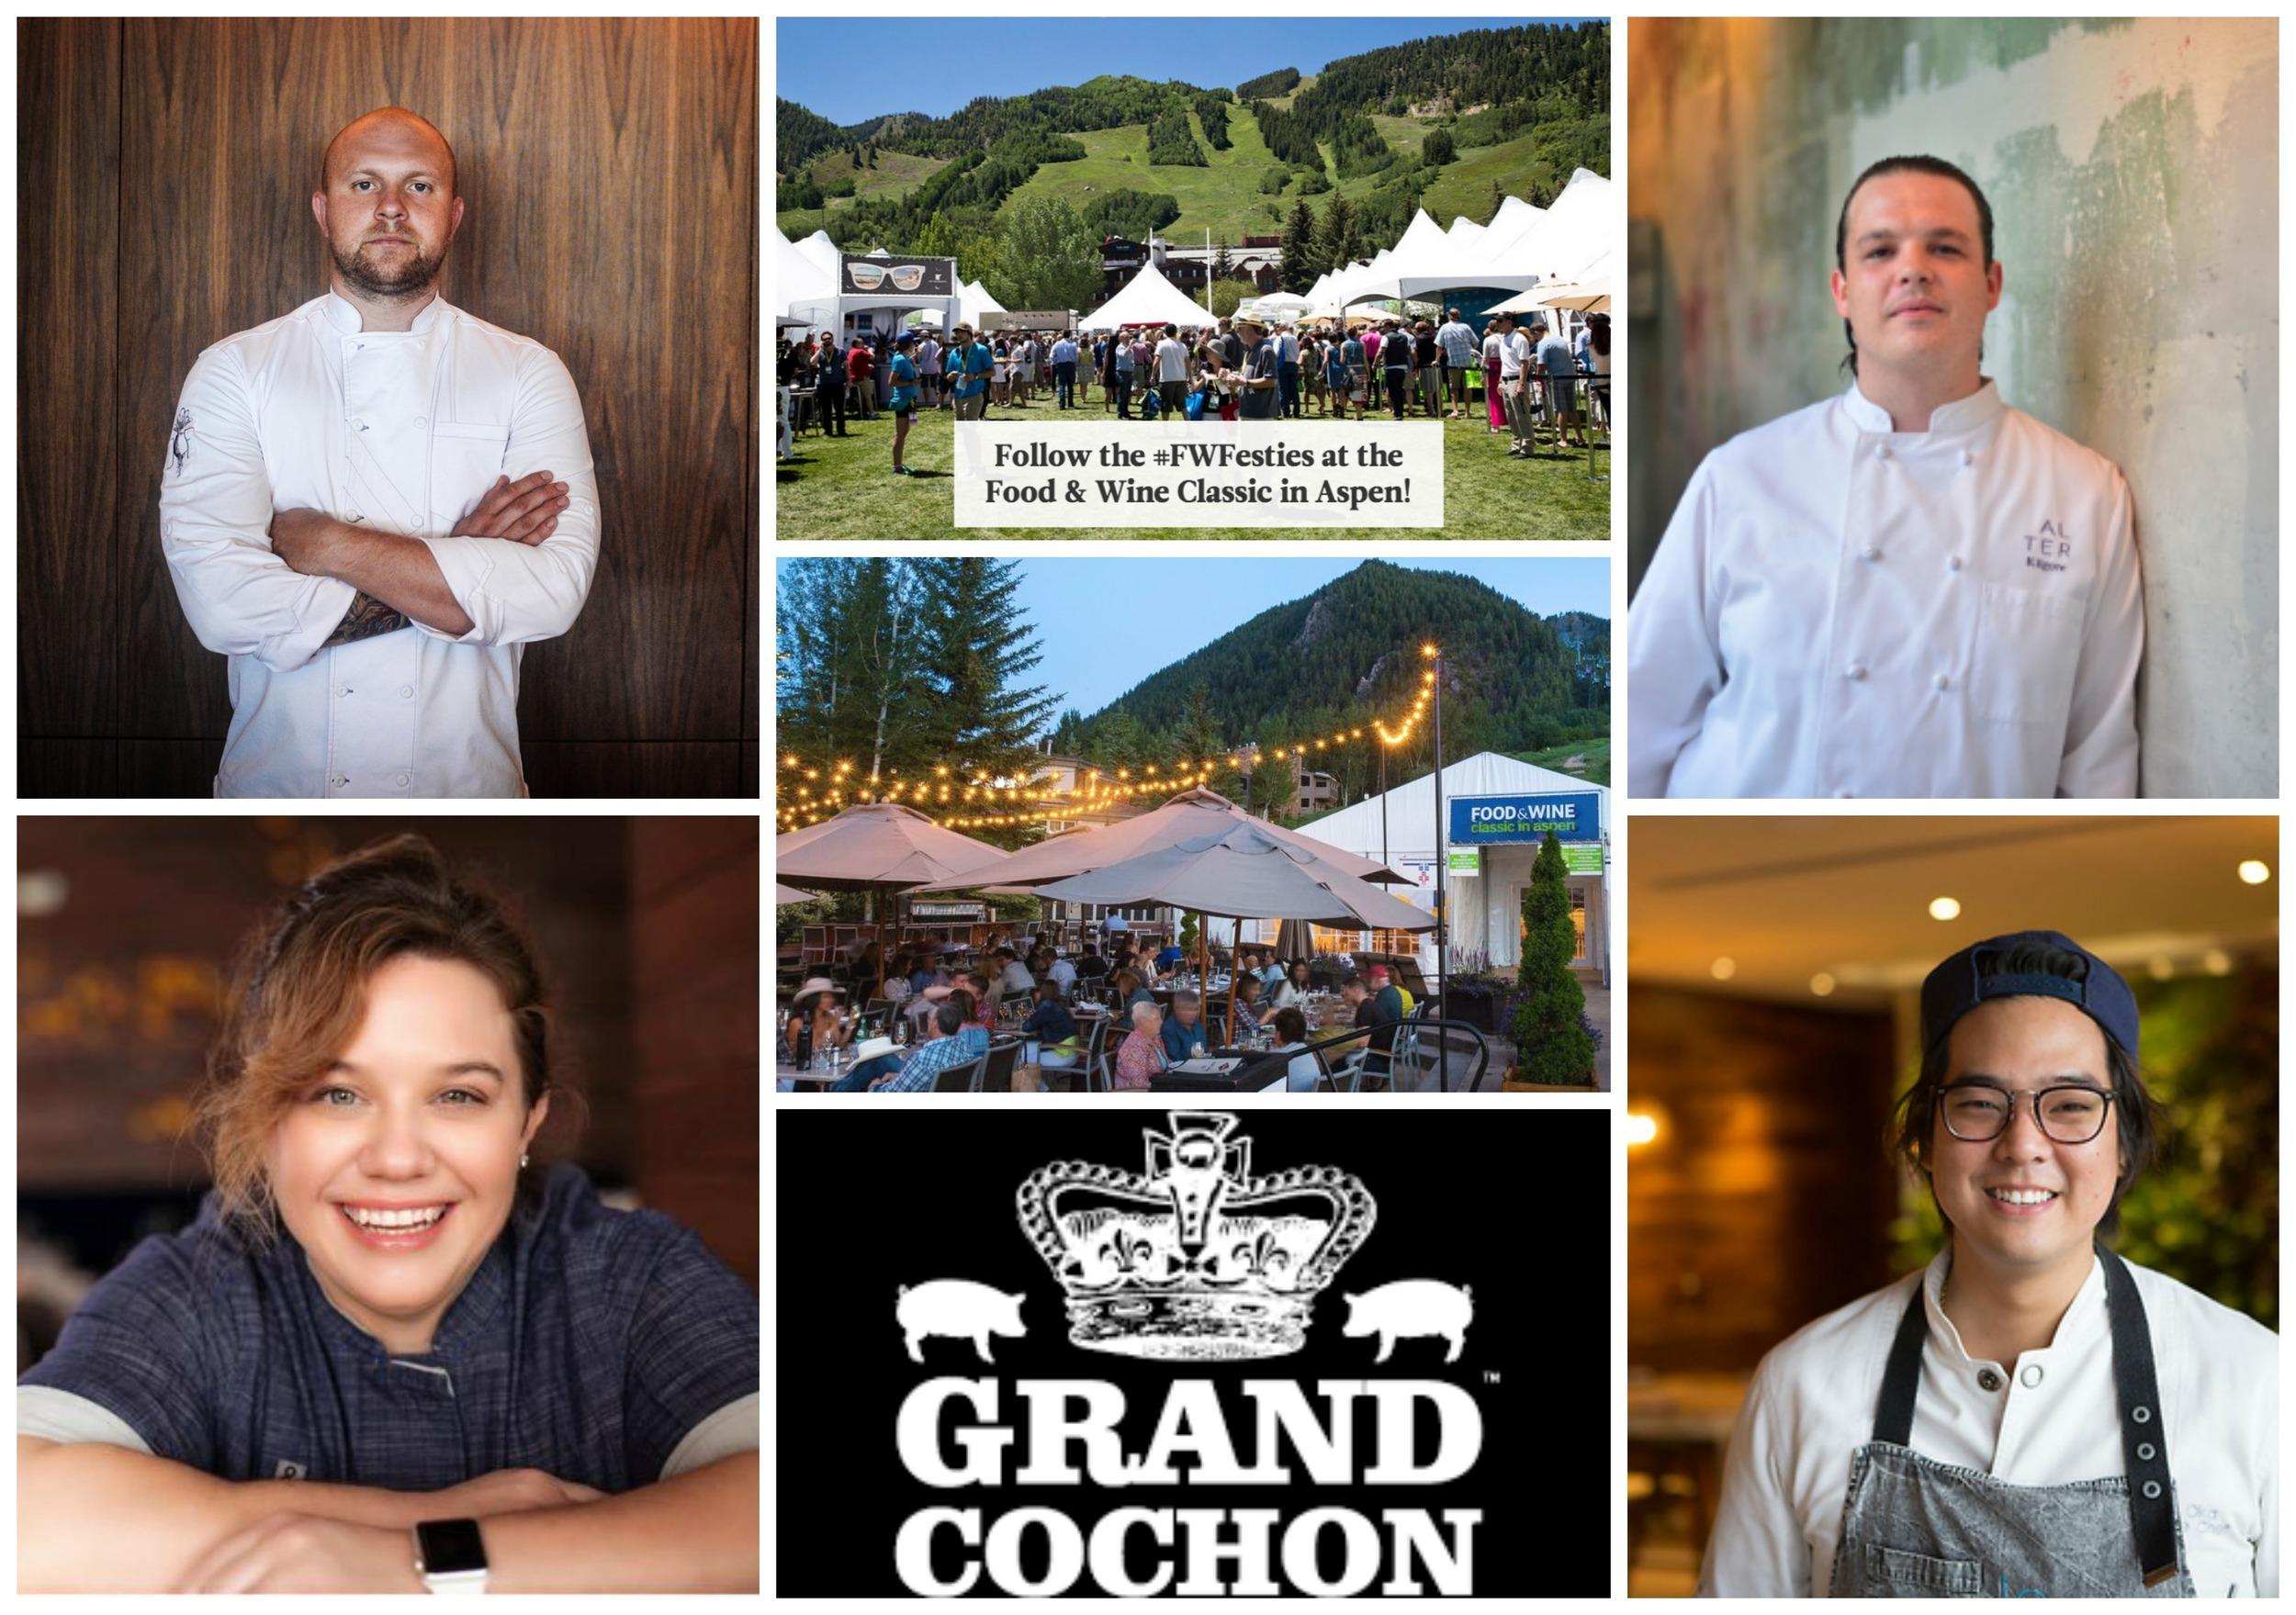 Food & Wine Aspen Classic Miami Chefs Grand Cochon